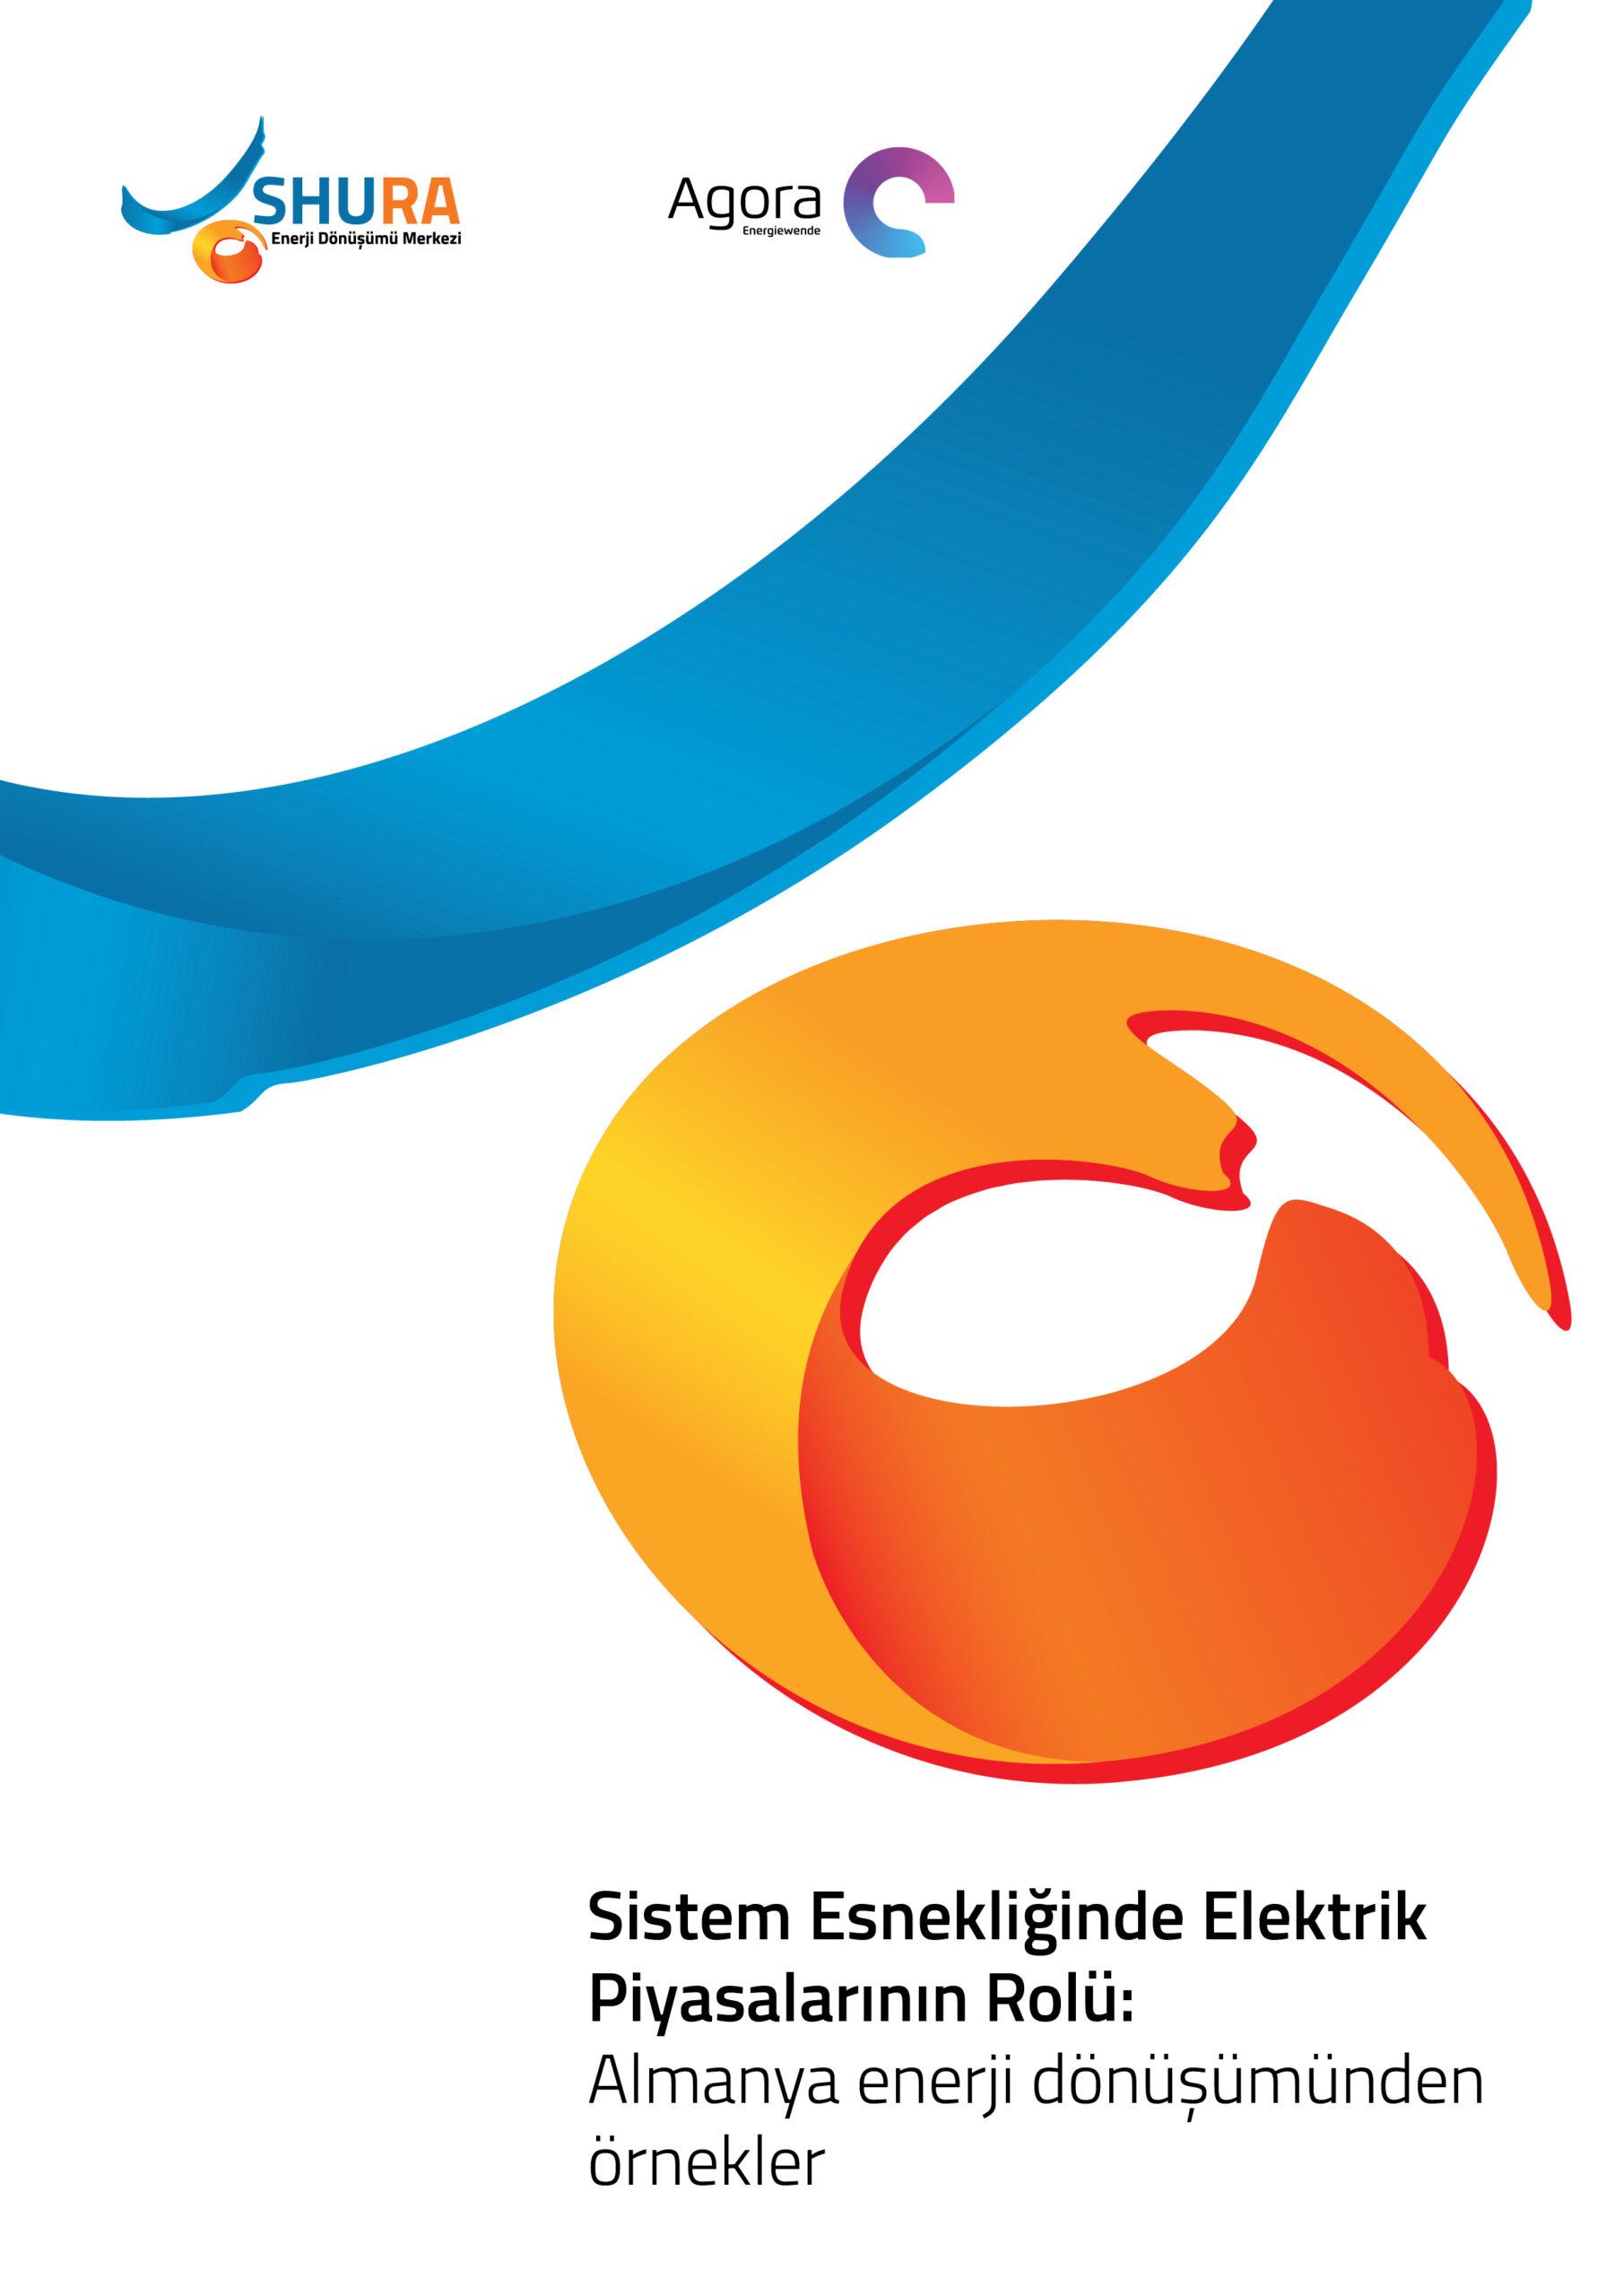 Sistem Esnekliğinde Elektrik Piyasalarının Rolü: Almanya Enerji Dönüşümünden Örnekler